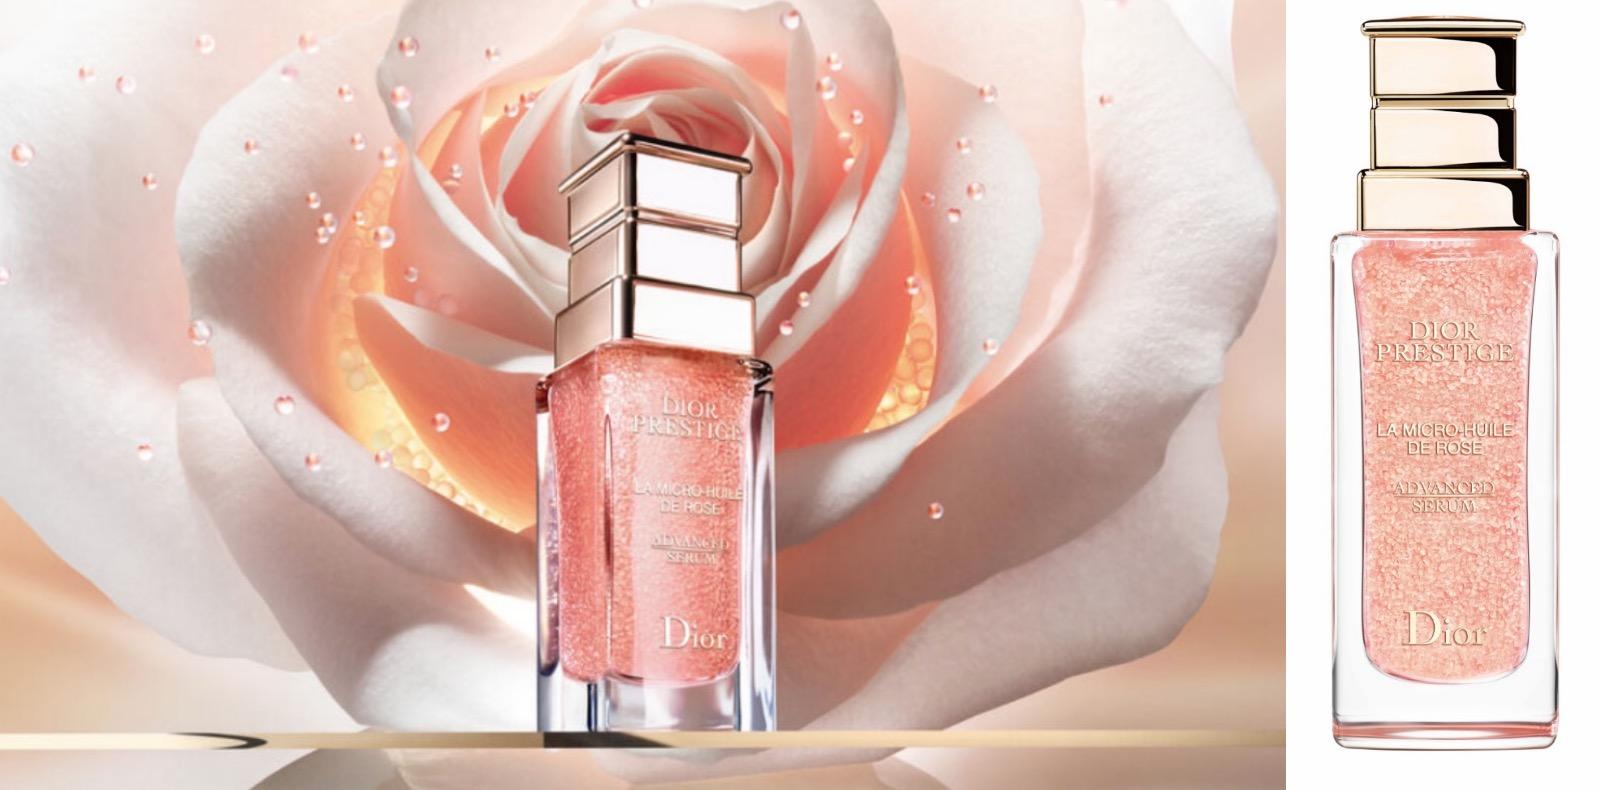 這次周慶限定推出加大版,玫瑰微導精露擁有高達92%天然來源成分。蘊含岡維拉玫瑰從花瓣到花梗中宛如玫瑰生命之水-「玫瑰花液」的全方位修護力,完美打造玫瑰花瓣肌。